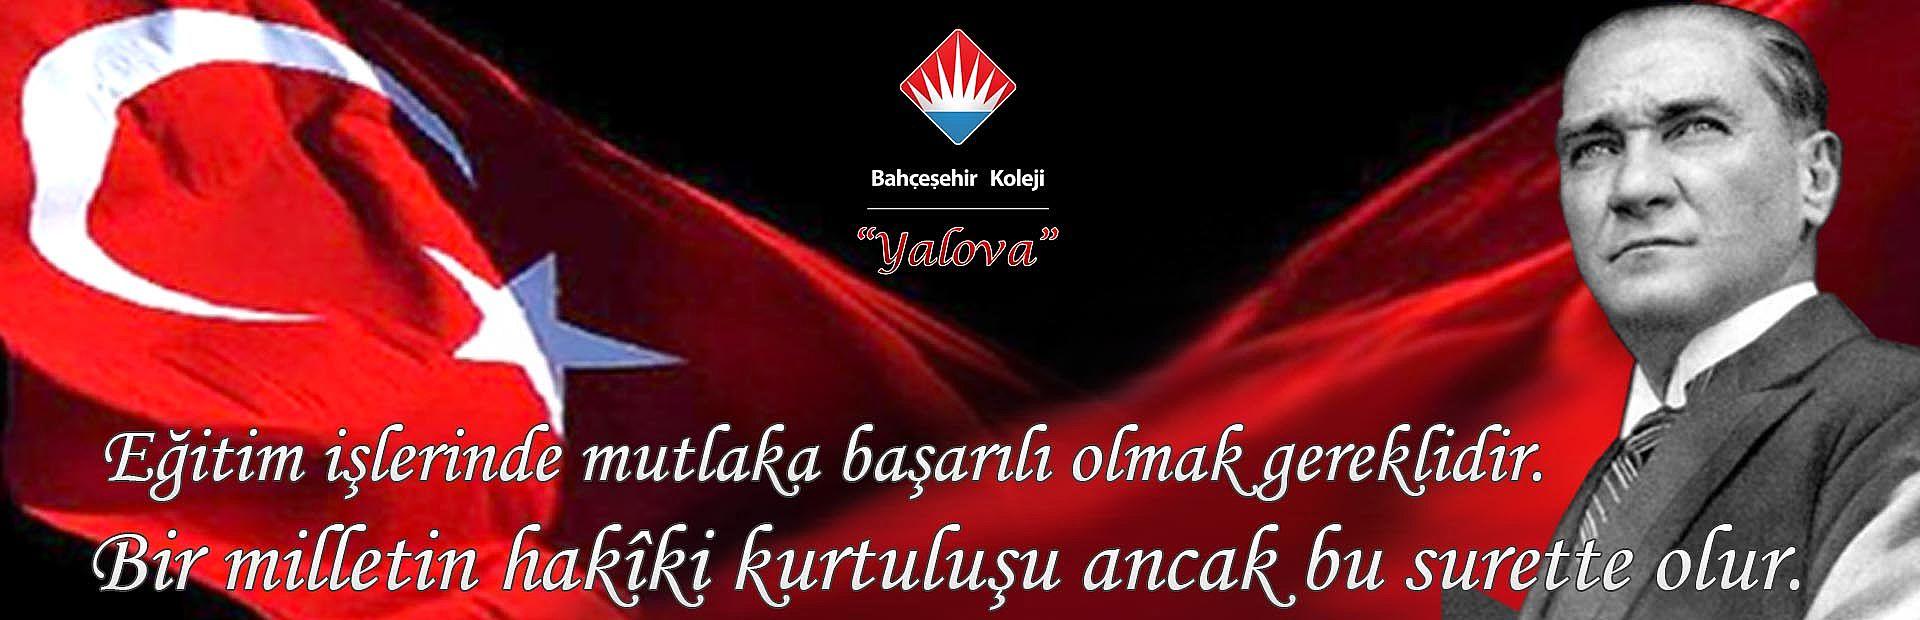 Yalova Bahçeşehir Koleji Faaliyet Bülteni